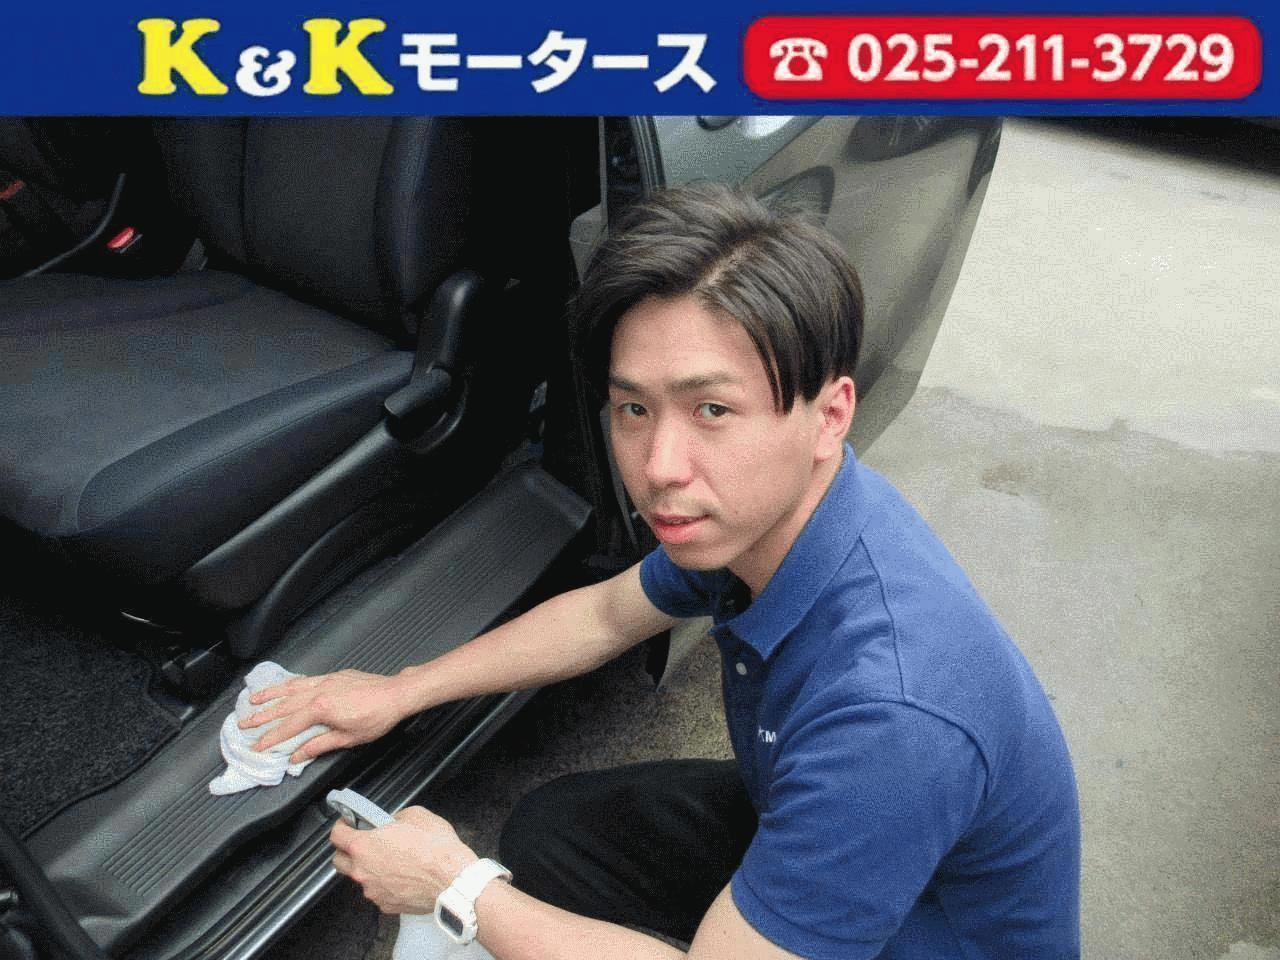 営業担当の小嶋です。 お車1台1台を自分の愛車のように綺麗に清掃させて頂いてます。 車に関する知識はまだまだ勉強中ですがお客様に喜んでもらえるよう一生懸命頑張ります! お車のことなら是非、K&Kモータースにお任せください。